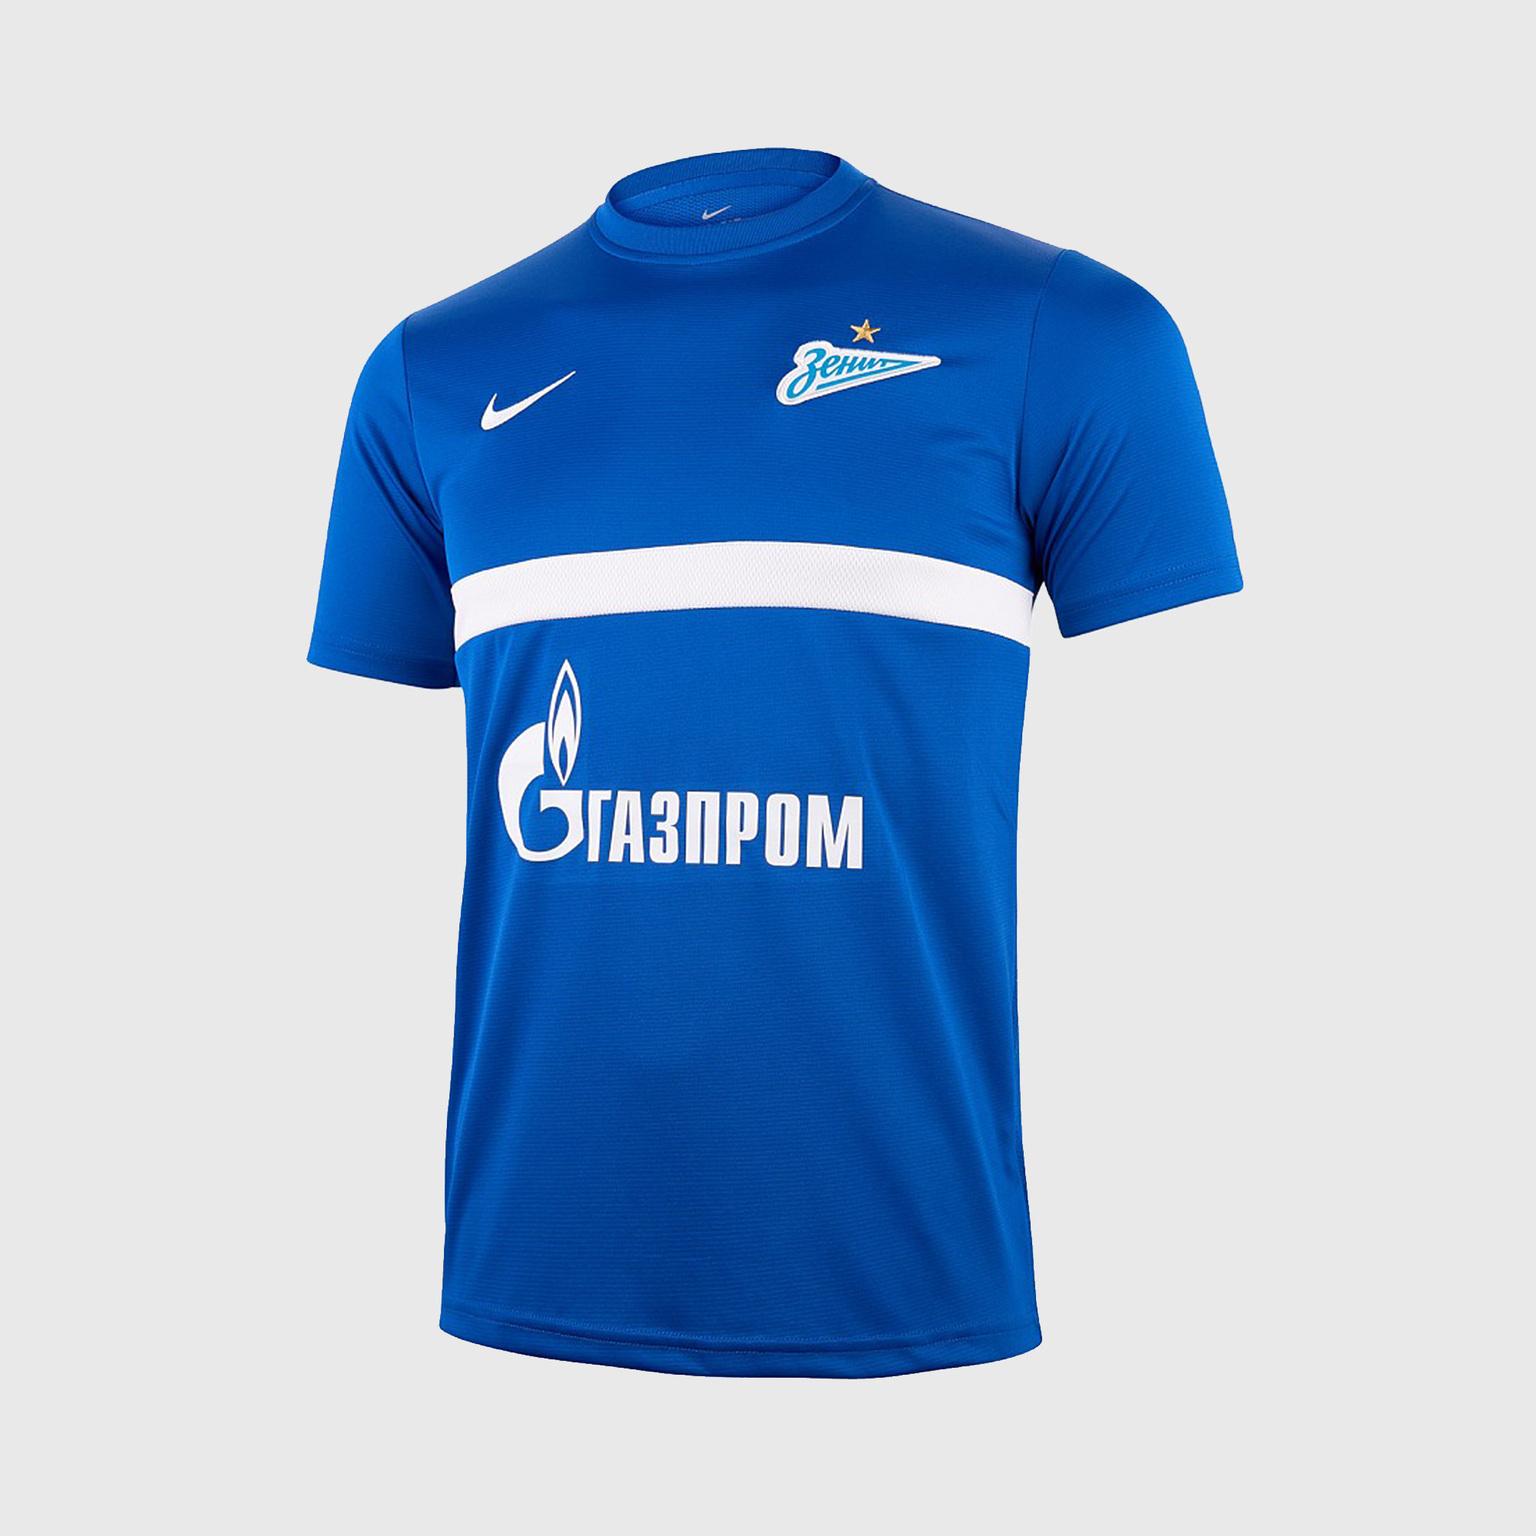 Футболка тренировочная подростковая Nike Zenit сезон 2020/21